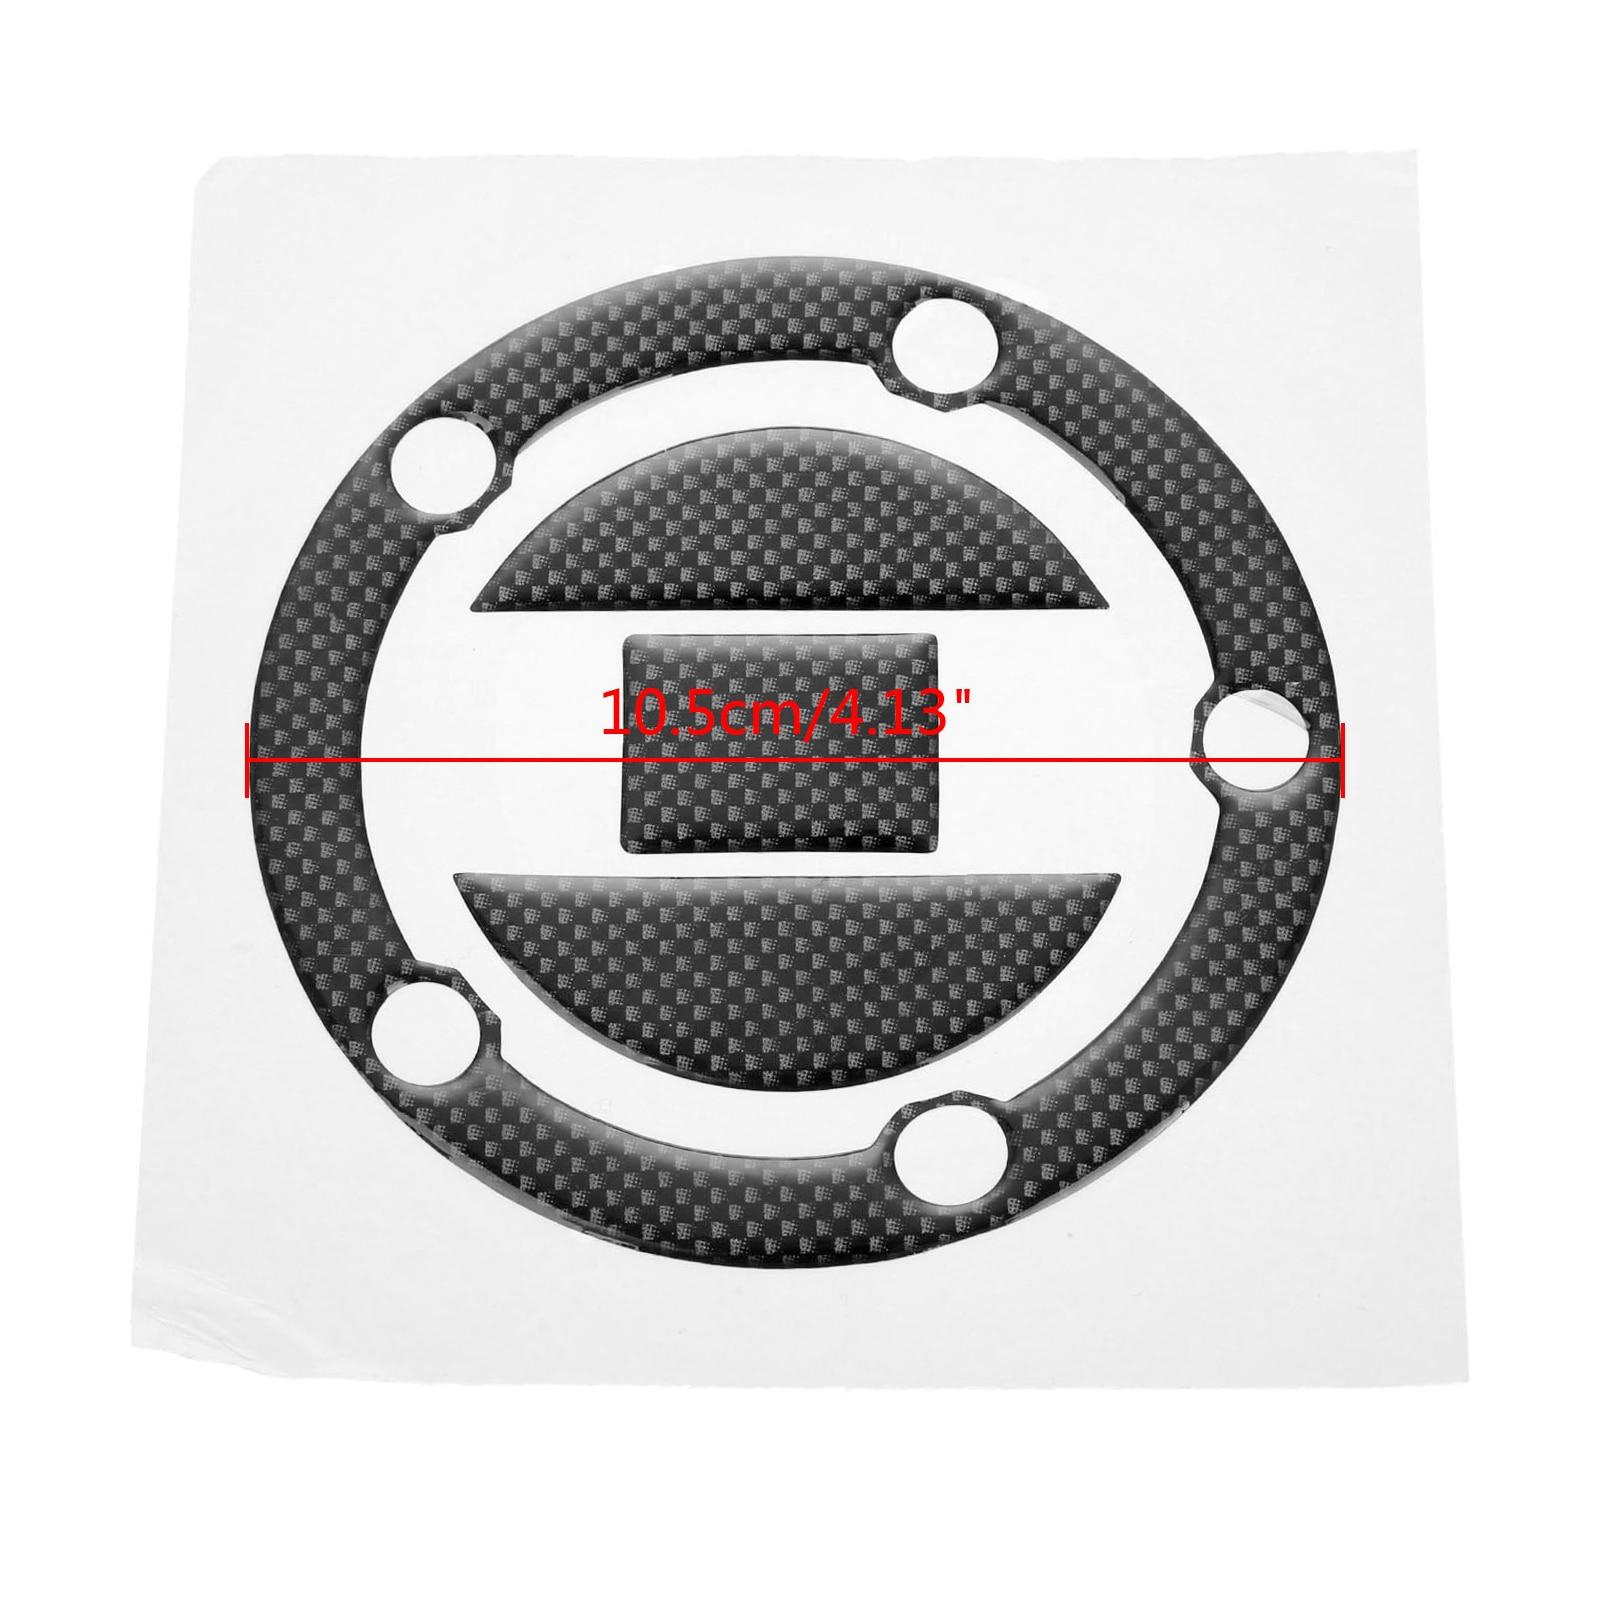 Tank Pad Protector Sticker үшін SUZUKI GSX-R750 GSXR1000 SV1000S - Мотоцикл аксессуарлары мен бөлшектер - фото 2